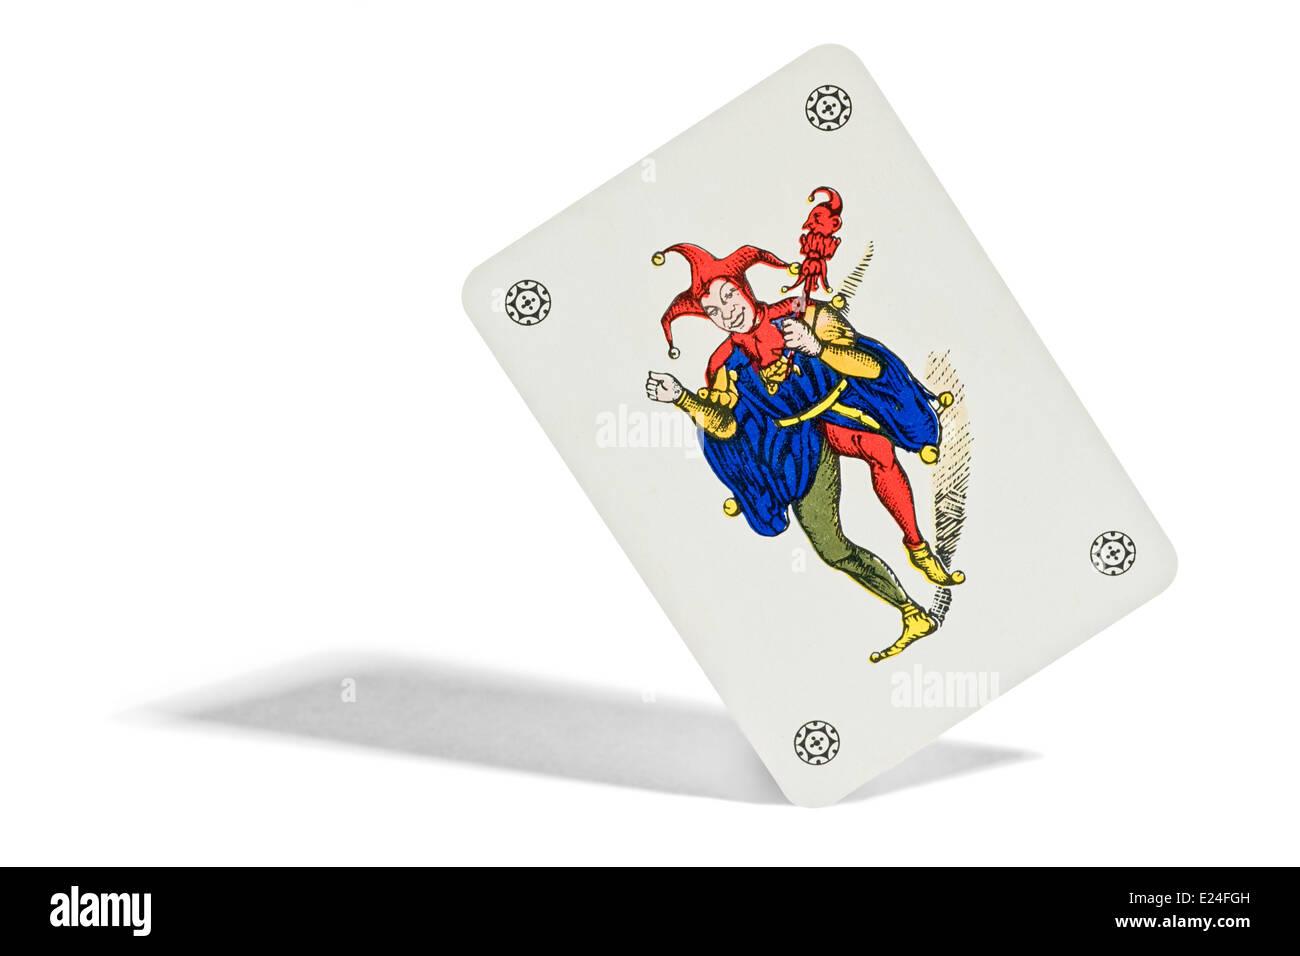 Joker Spielkarte Stockbild